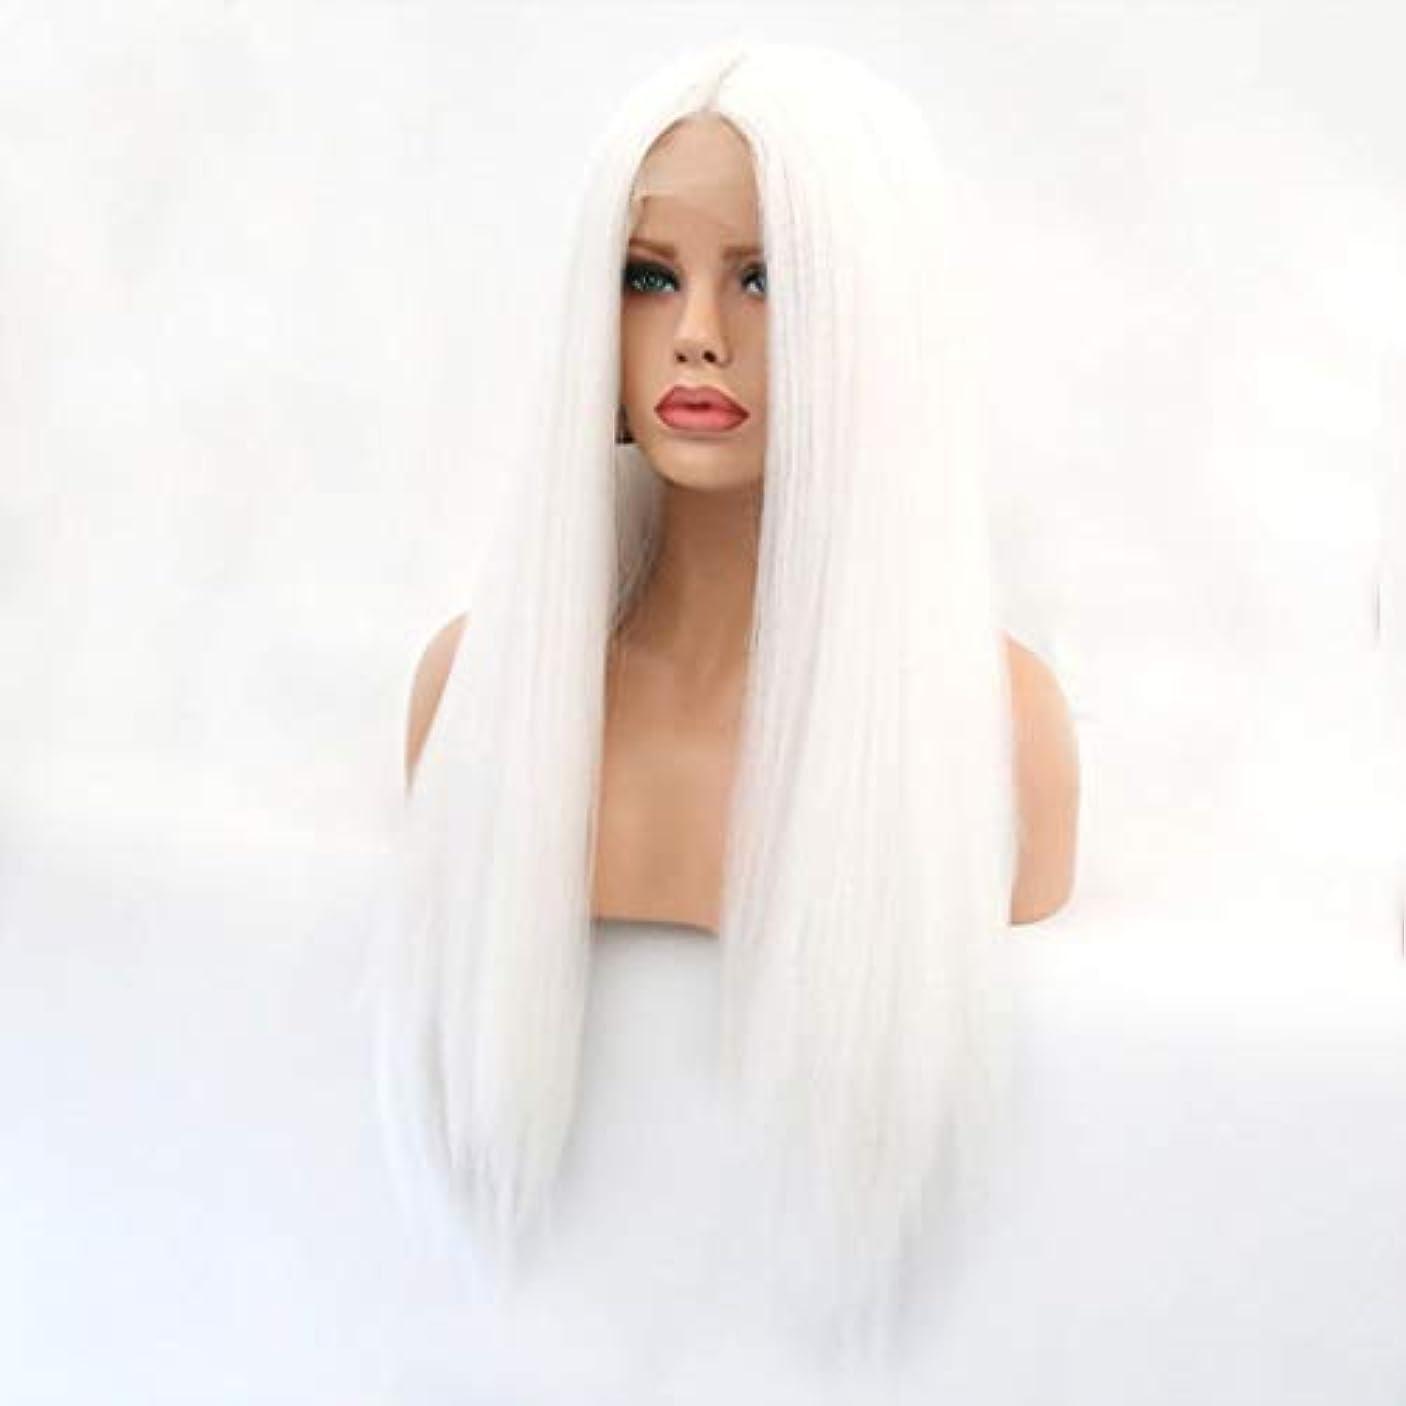 ノミネートすごい飲食店Summerys 本物の髪として自然な女性のためのフロントレースホワイトかつらロングストレートヘア